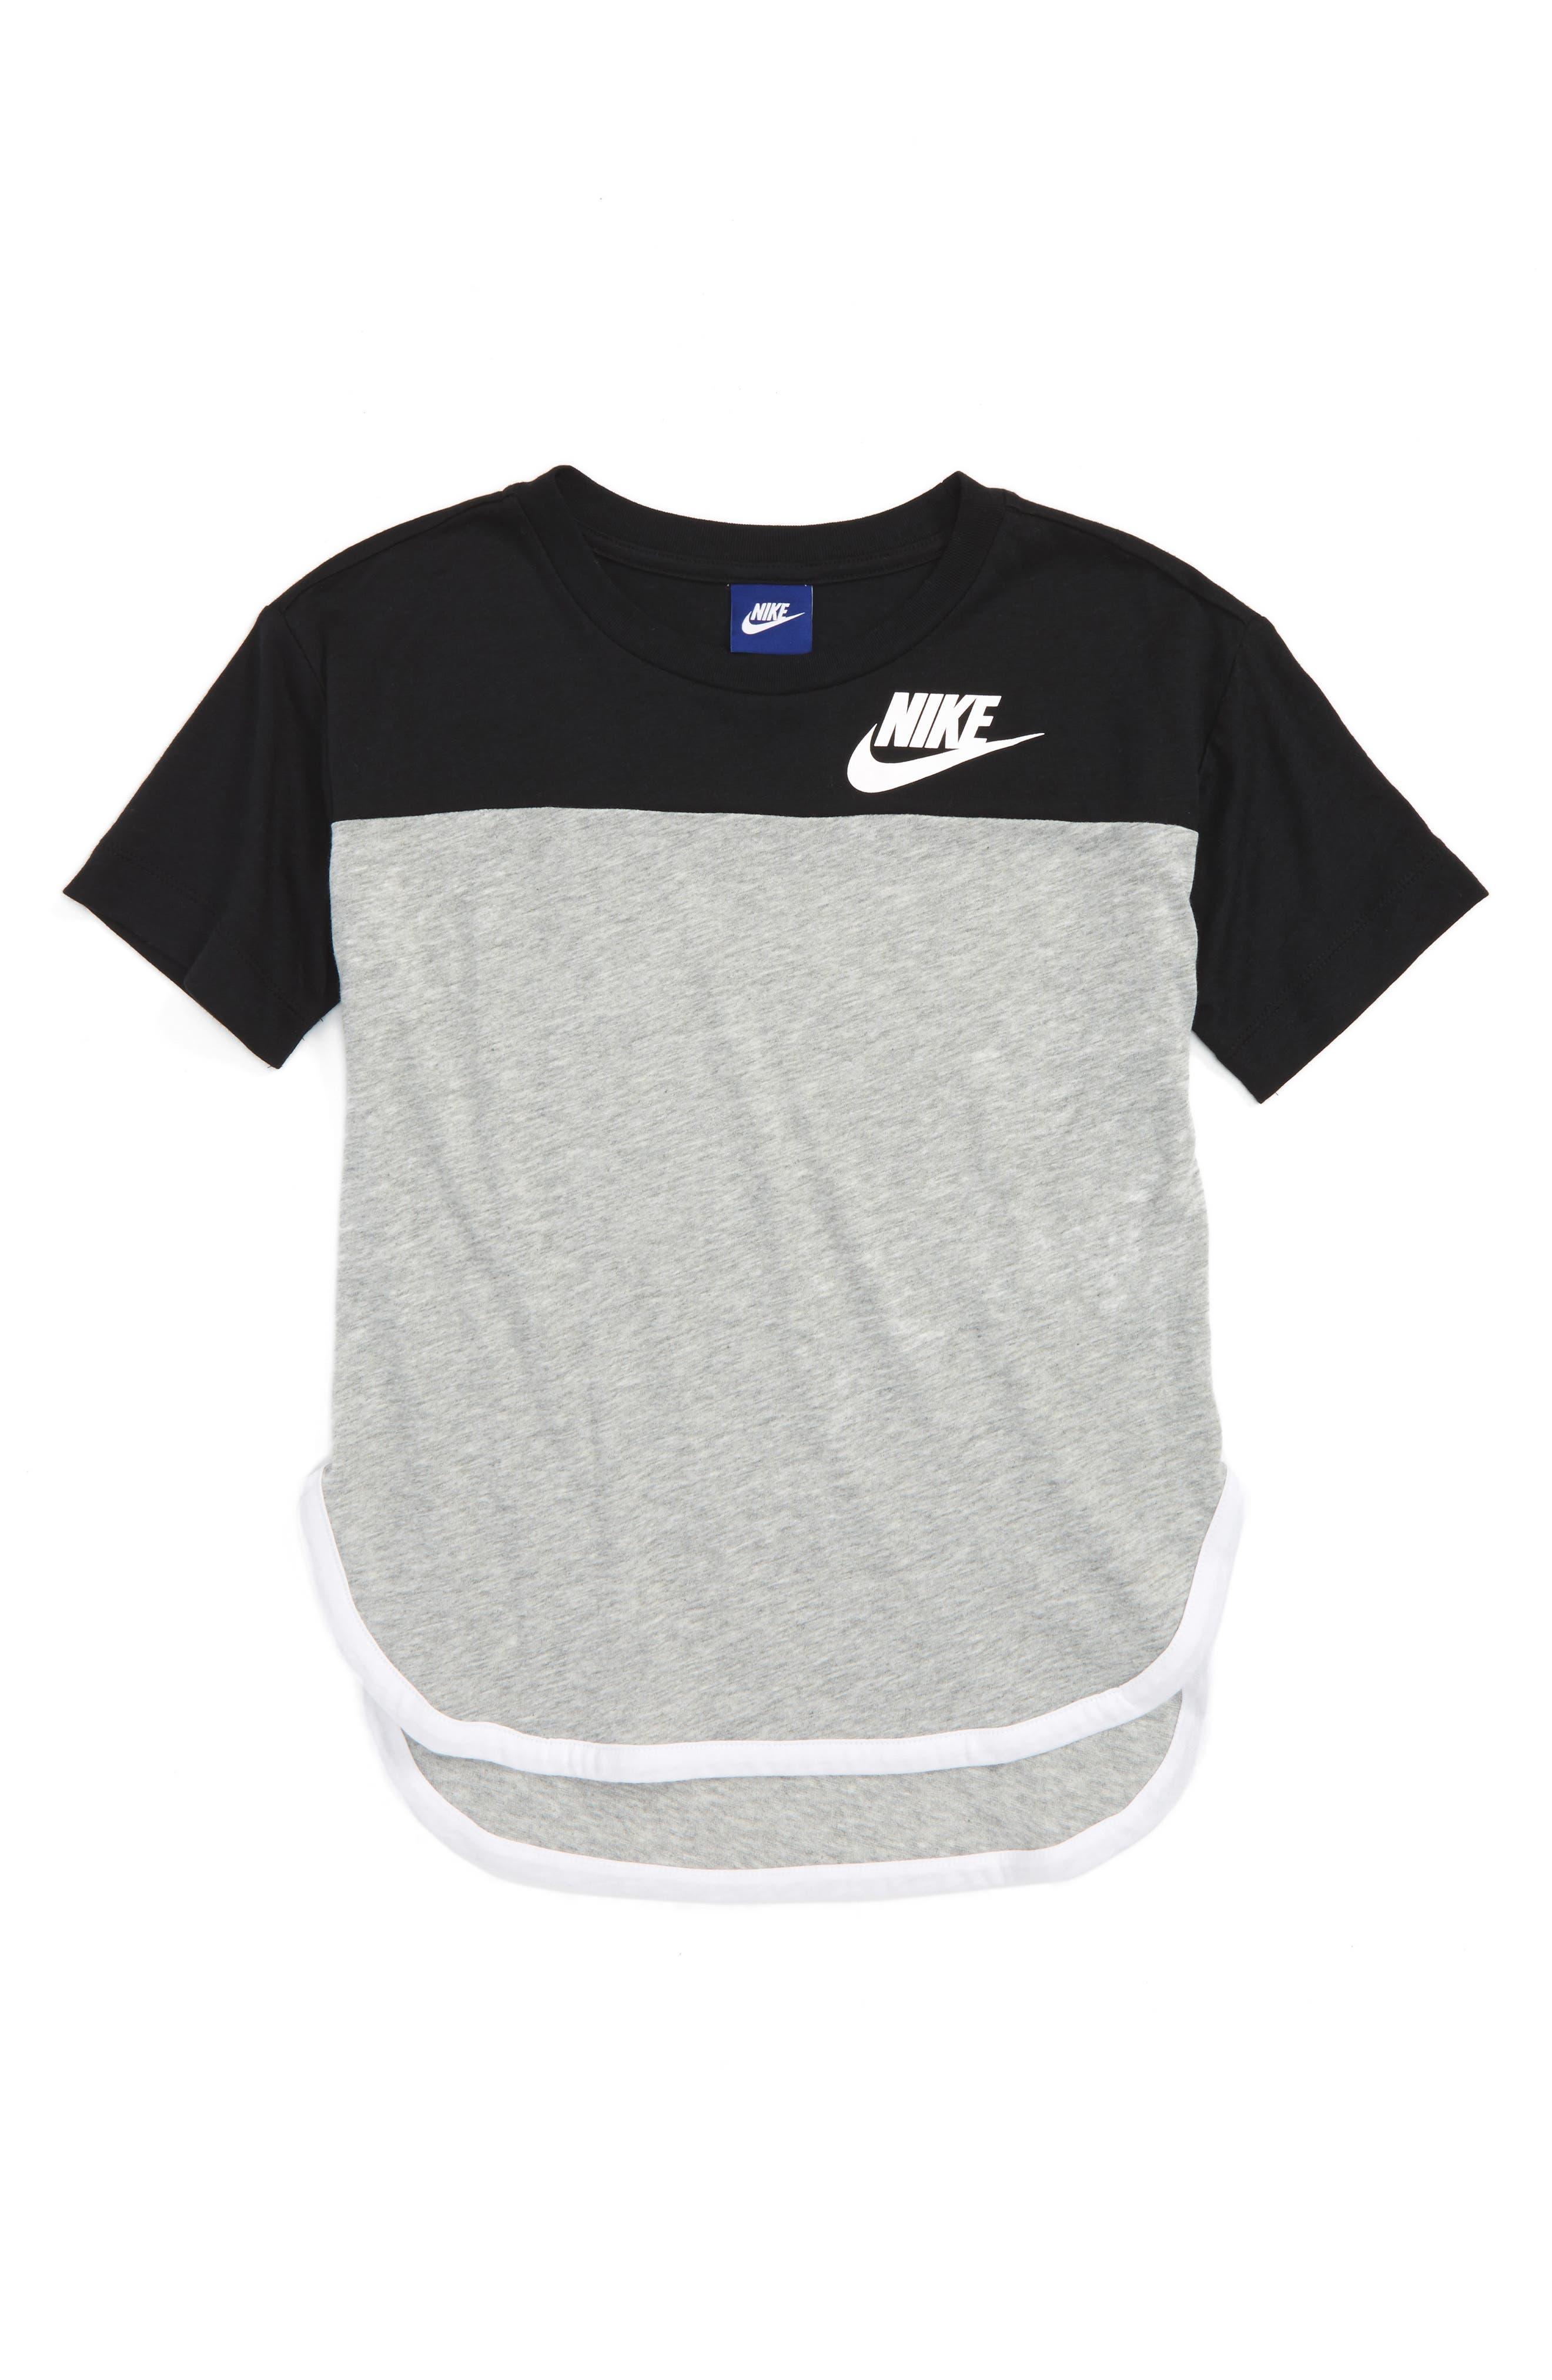 Nike Sportswear Graphic Tee (Big Girls)